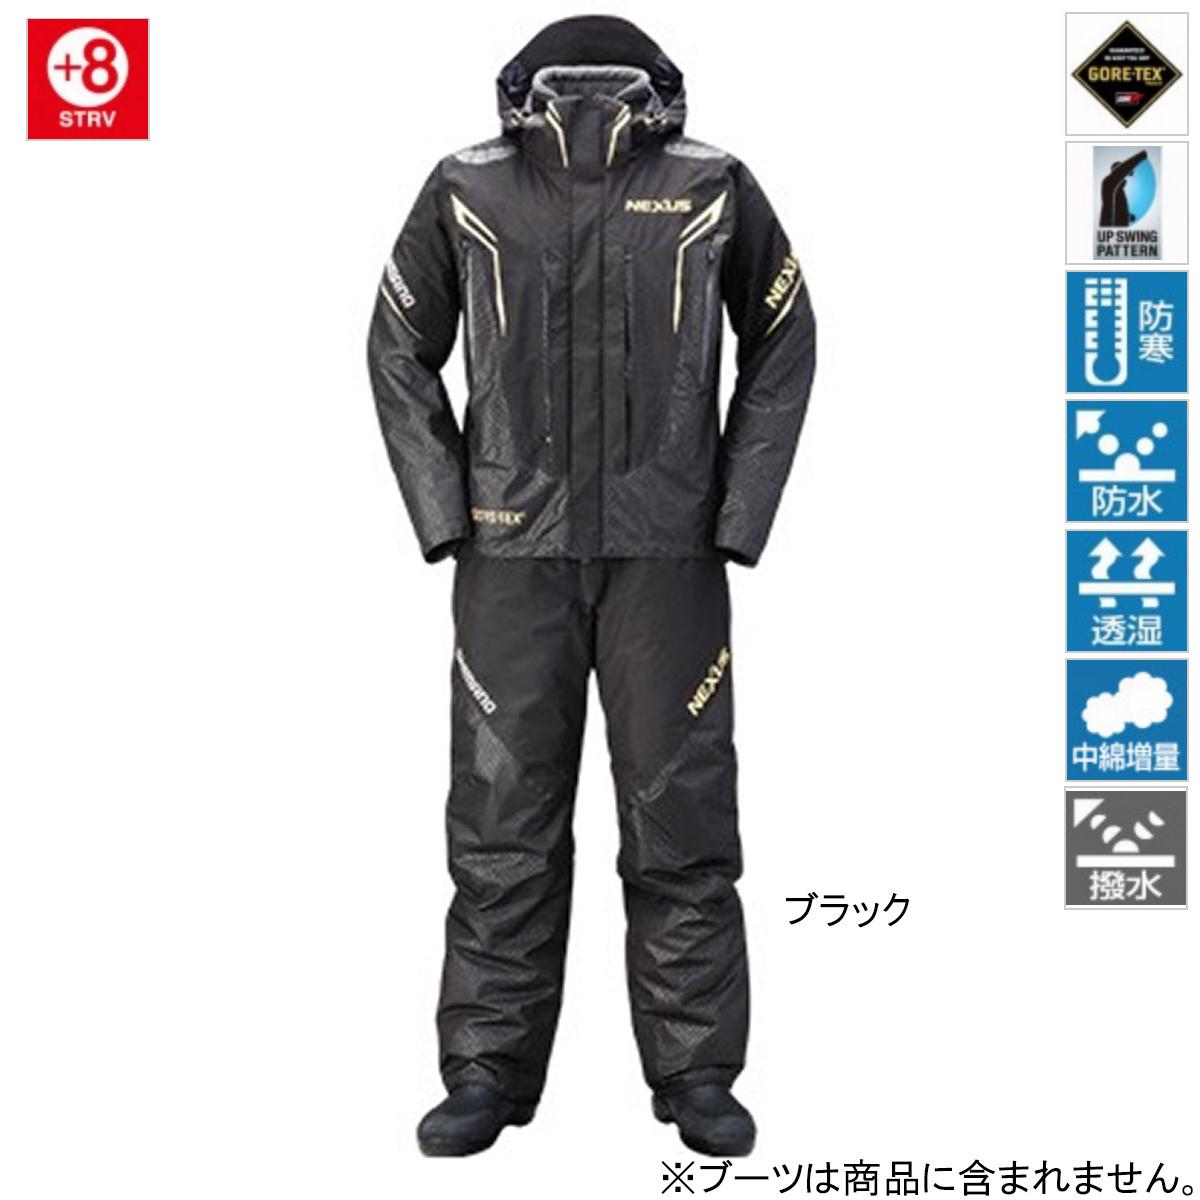 シマノ NEXUS・GORE-TEX コールドウェザースーツ EX RB-119R M ブラック(東日本店)